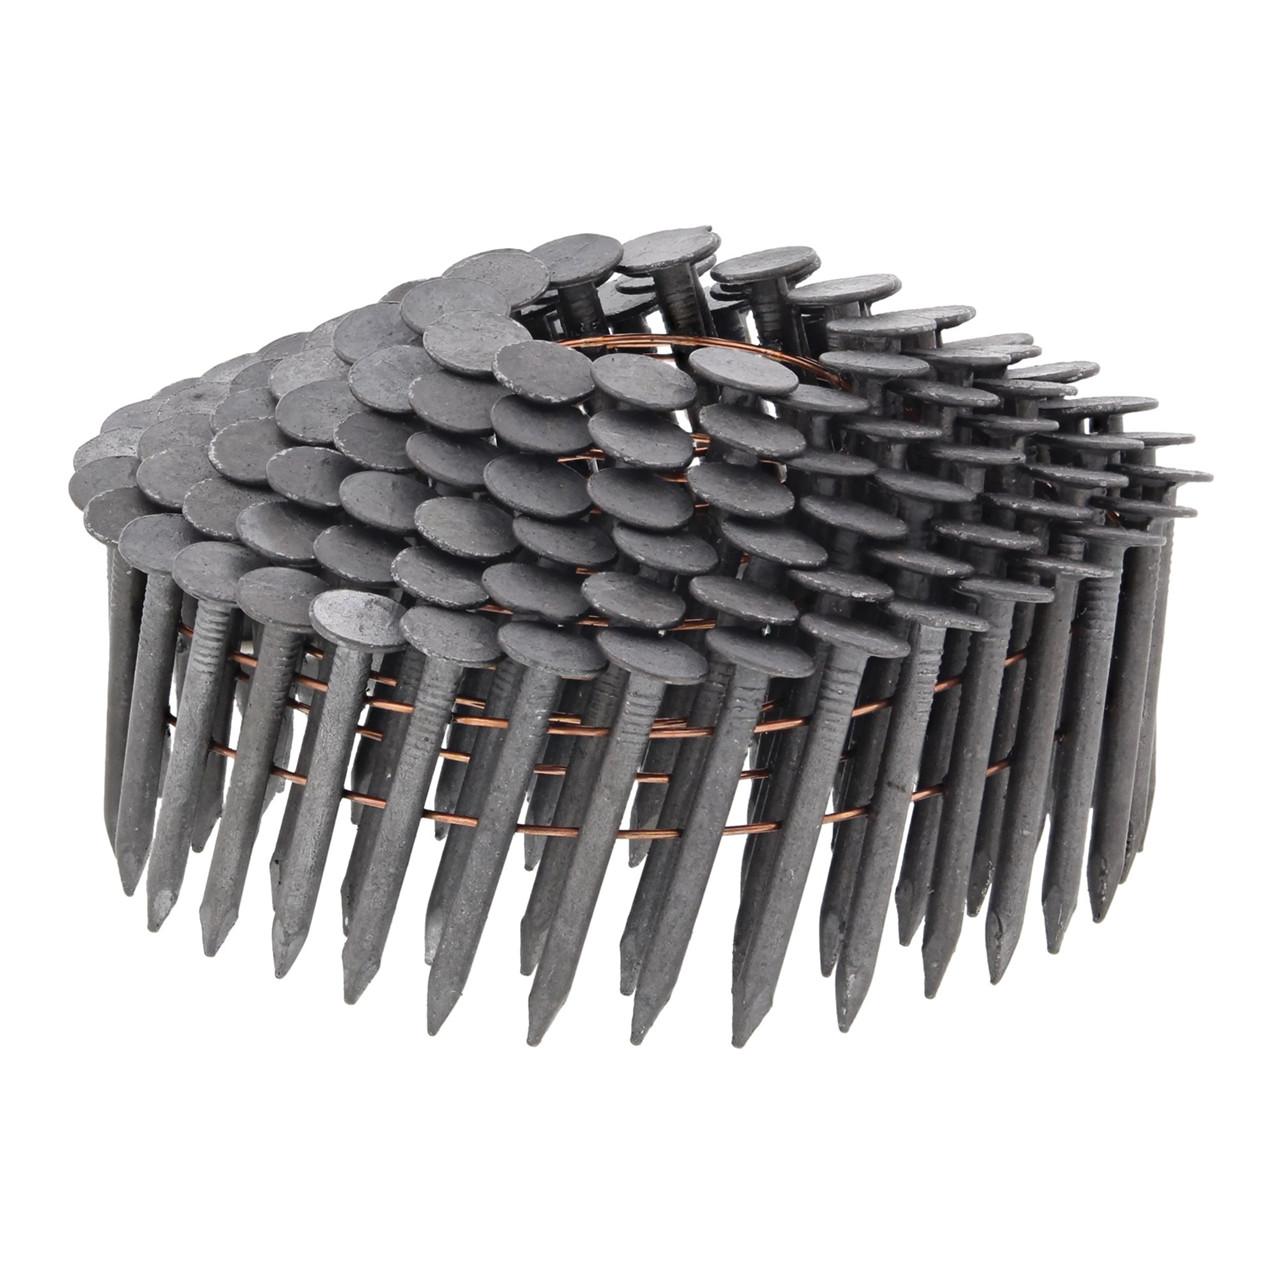 Køb PASLODE tagpapsøm 3,0x25MM CW GALV 1000stk 1gas